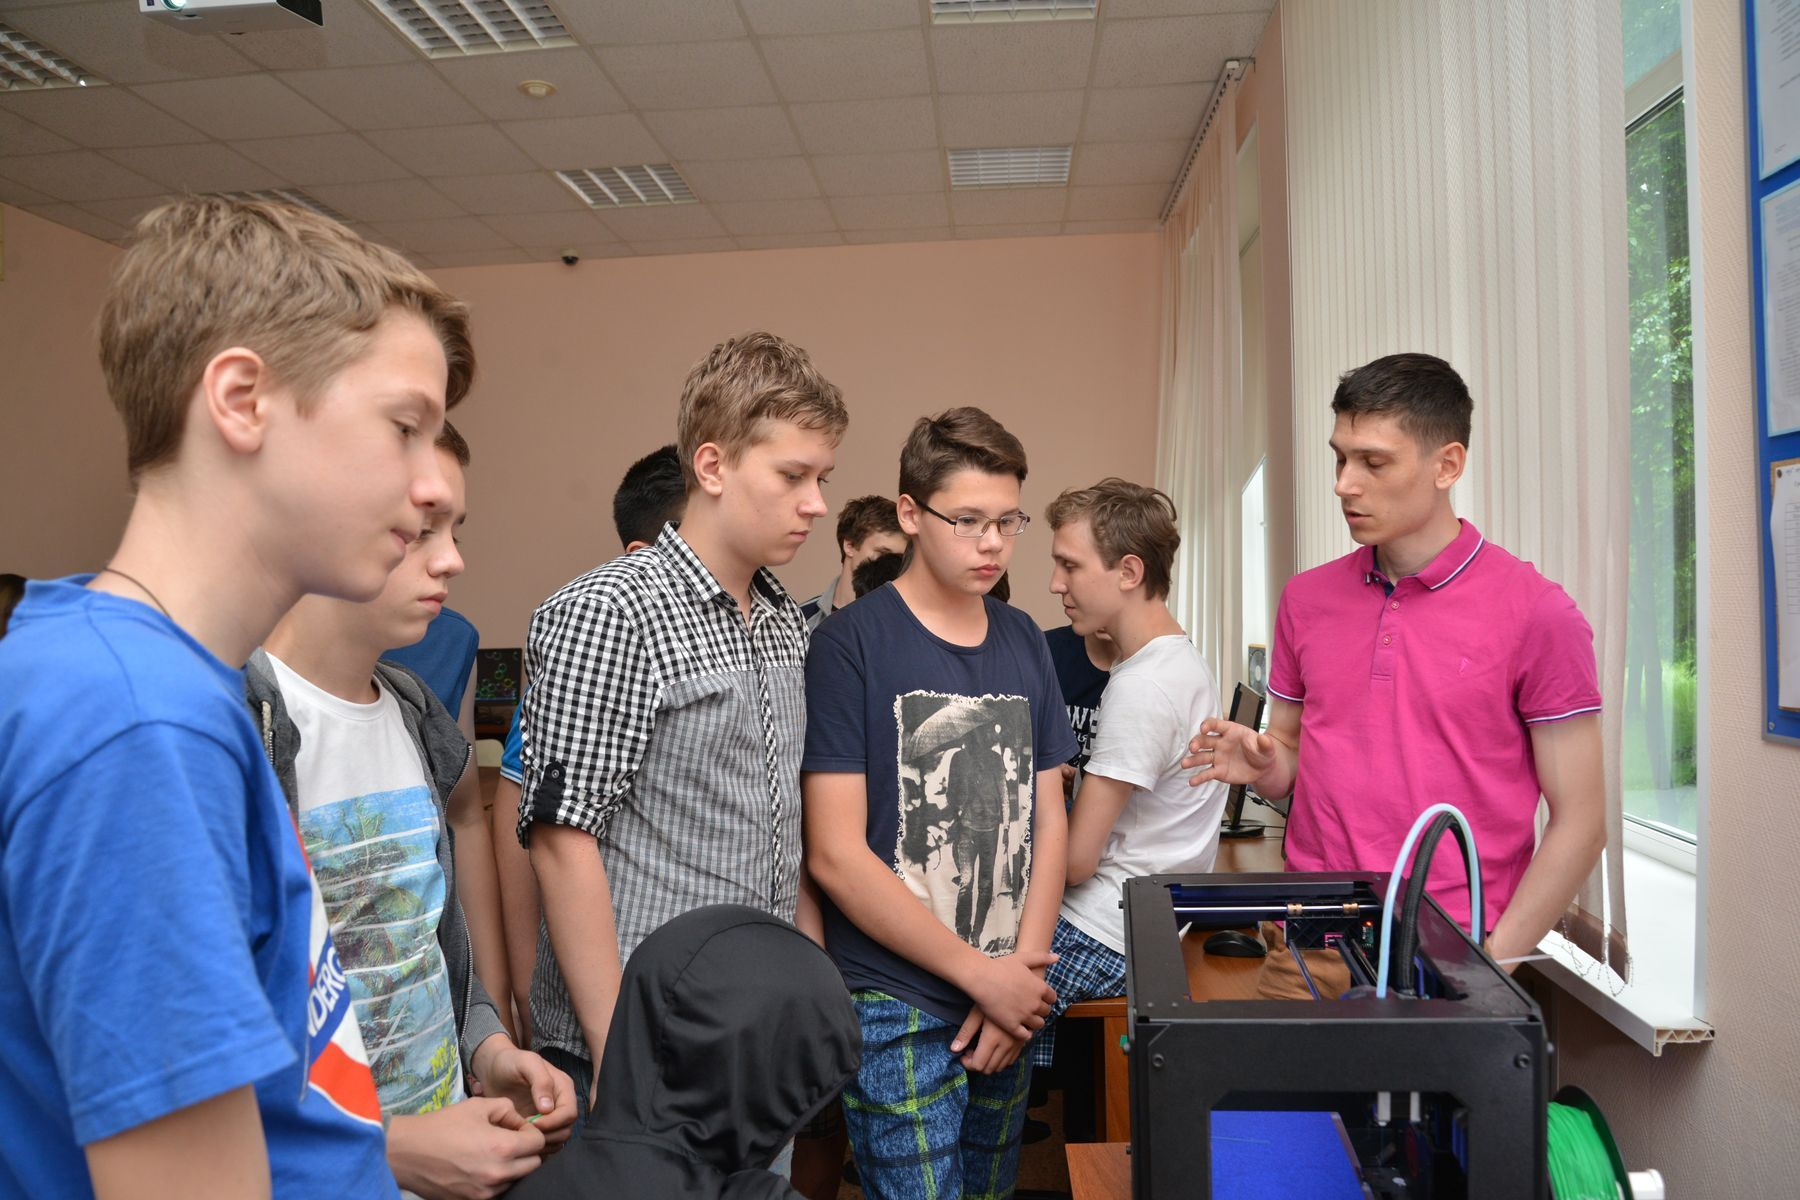 «Малая компьютерная академия» во ВГУЭС: экскурсия в мир IT-технологий